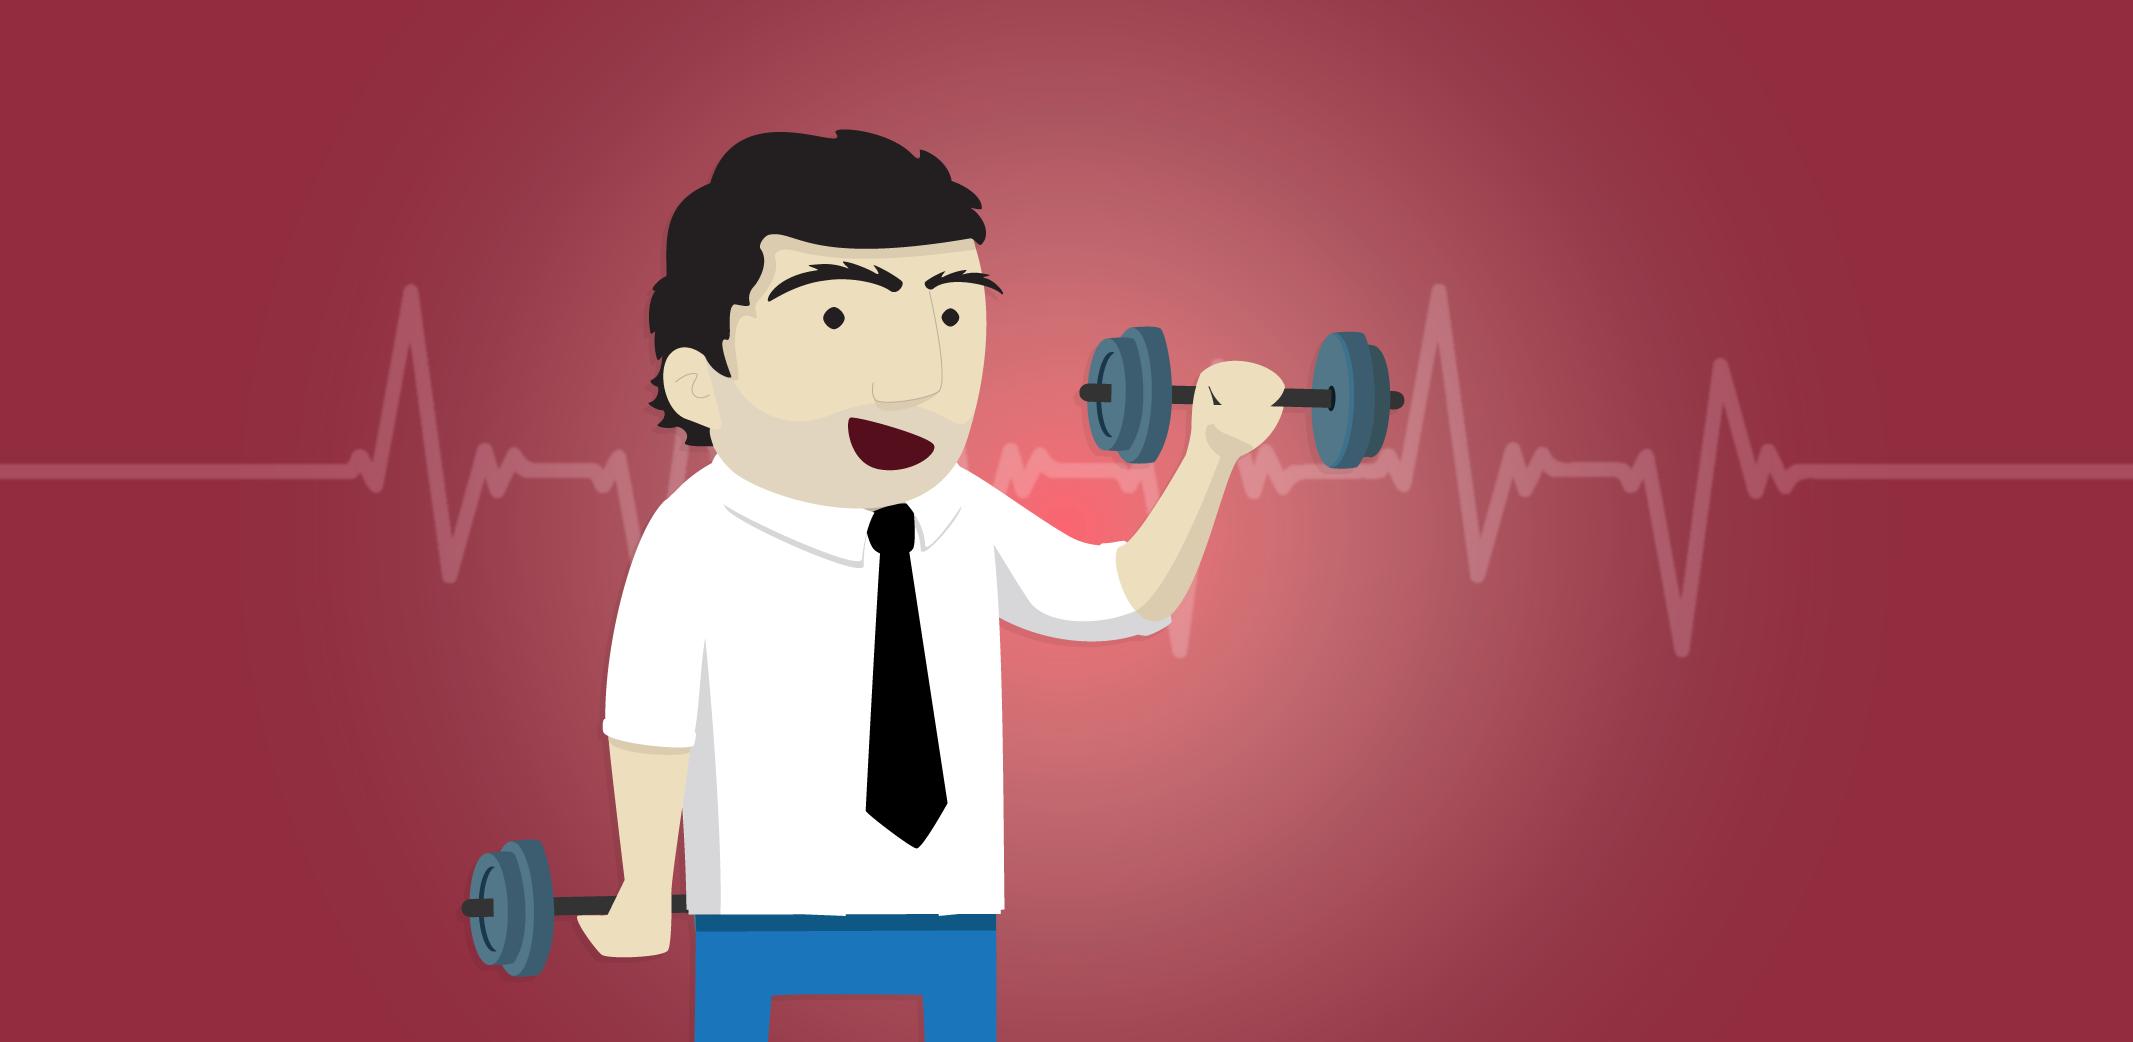 Incluir exercícios físicos em nossas vidas.